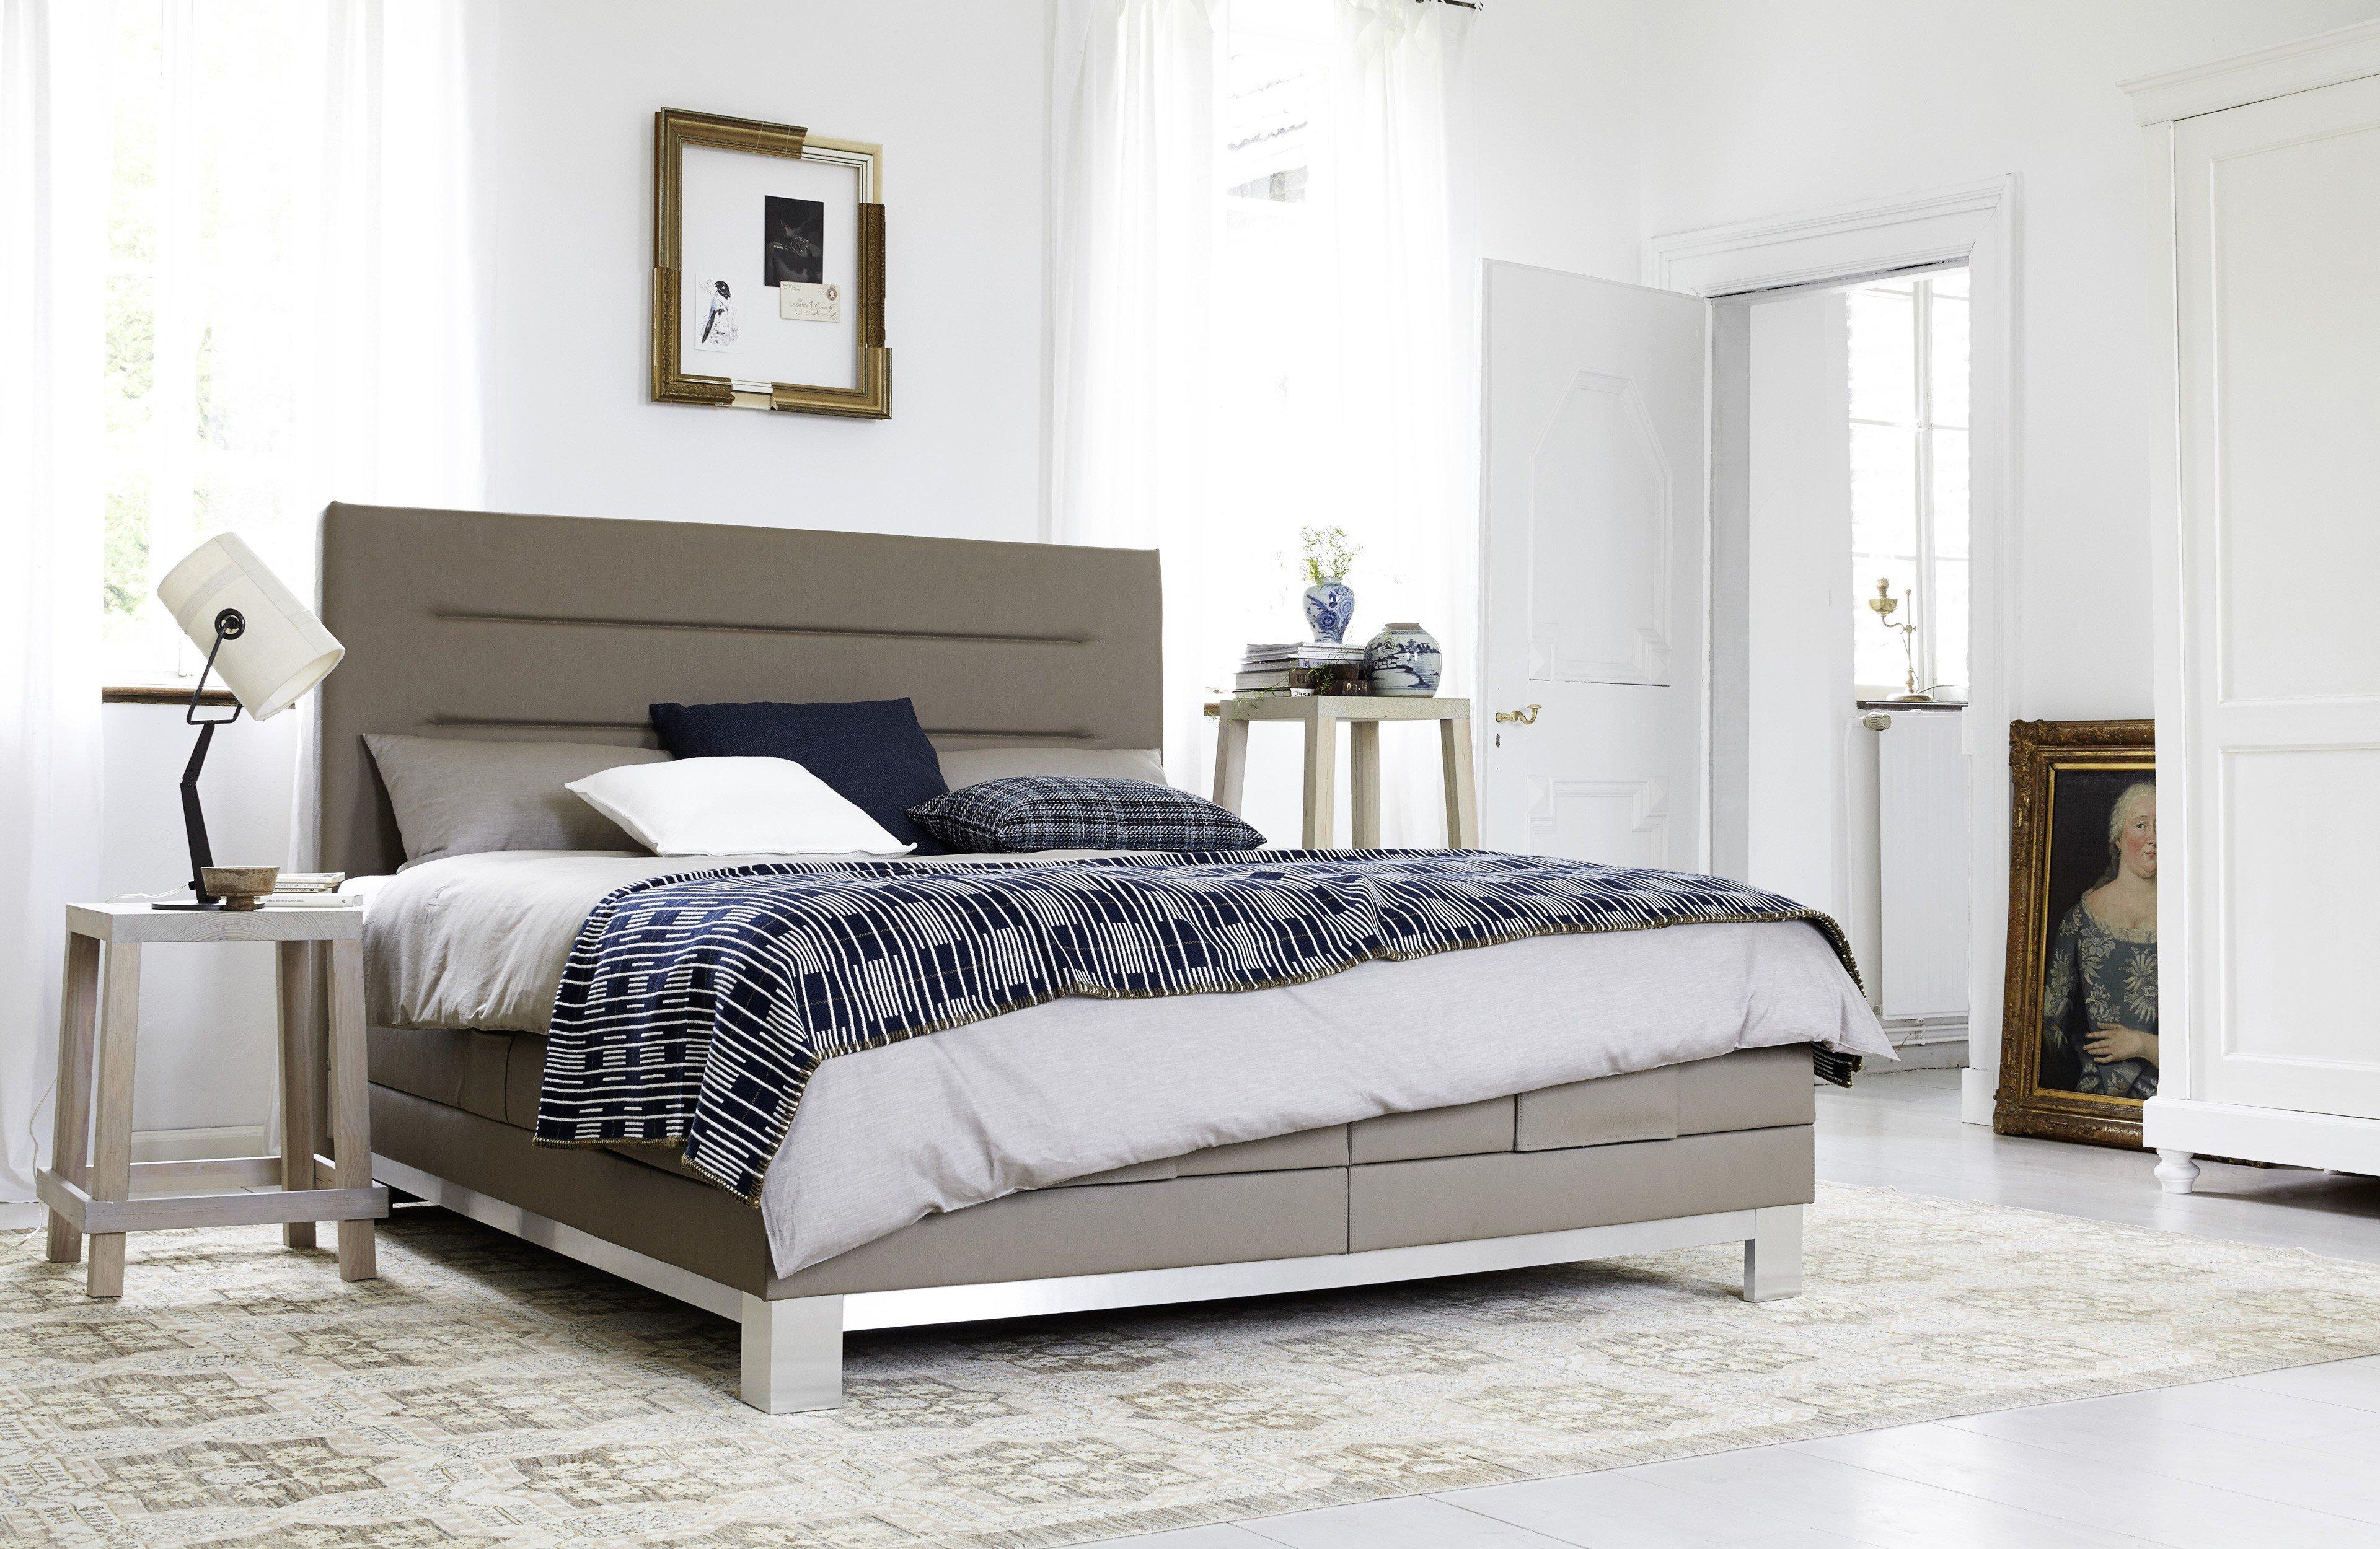 boxspringbett figarow von schlaraffia in mocca mit motor m bel letz ihr online shop. Black Bedroom Furniture Sets. Home Design Ideas